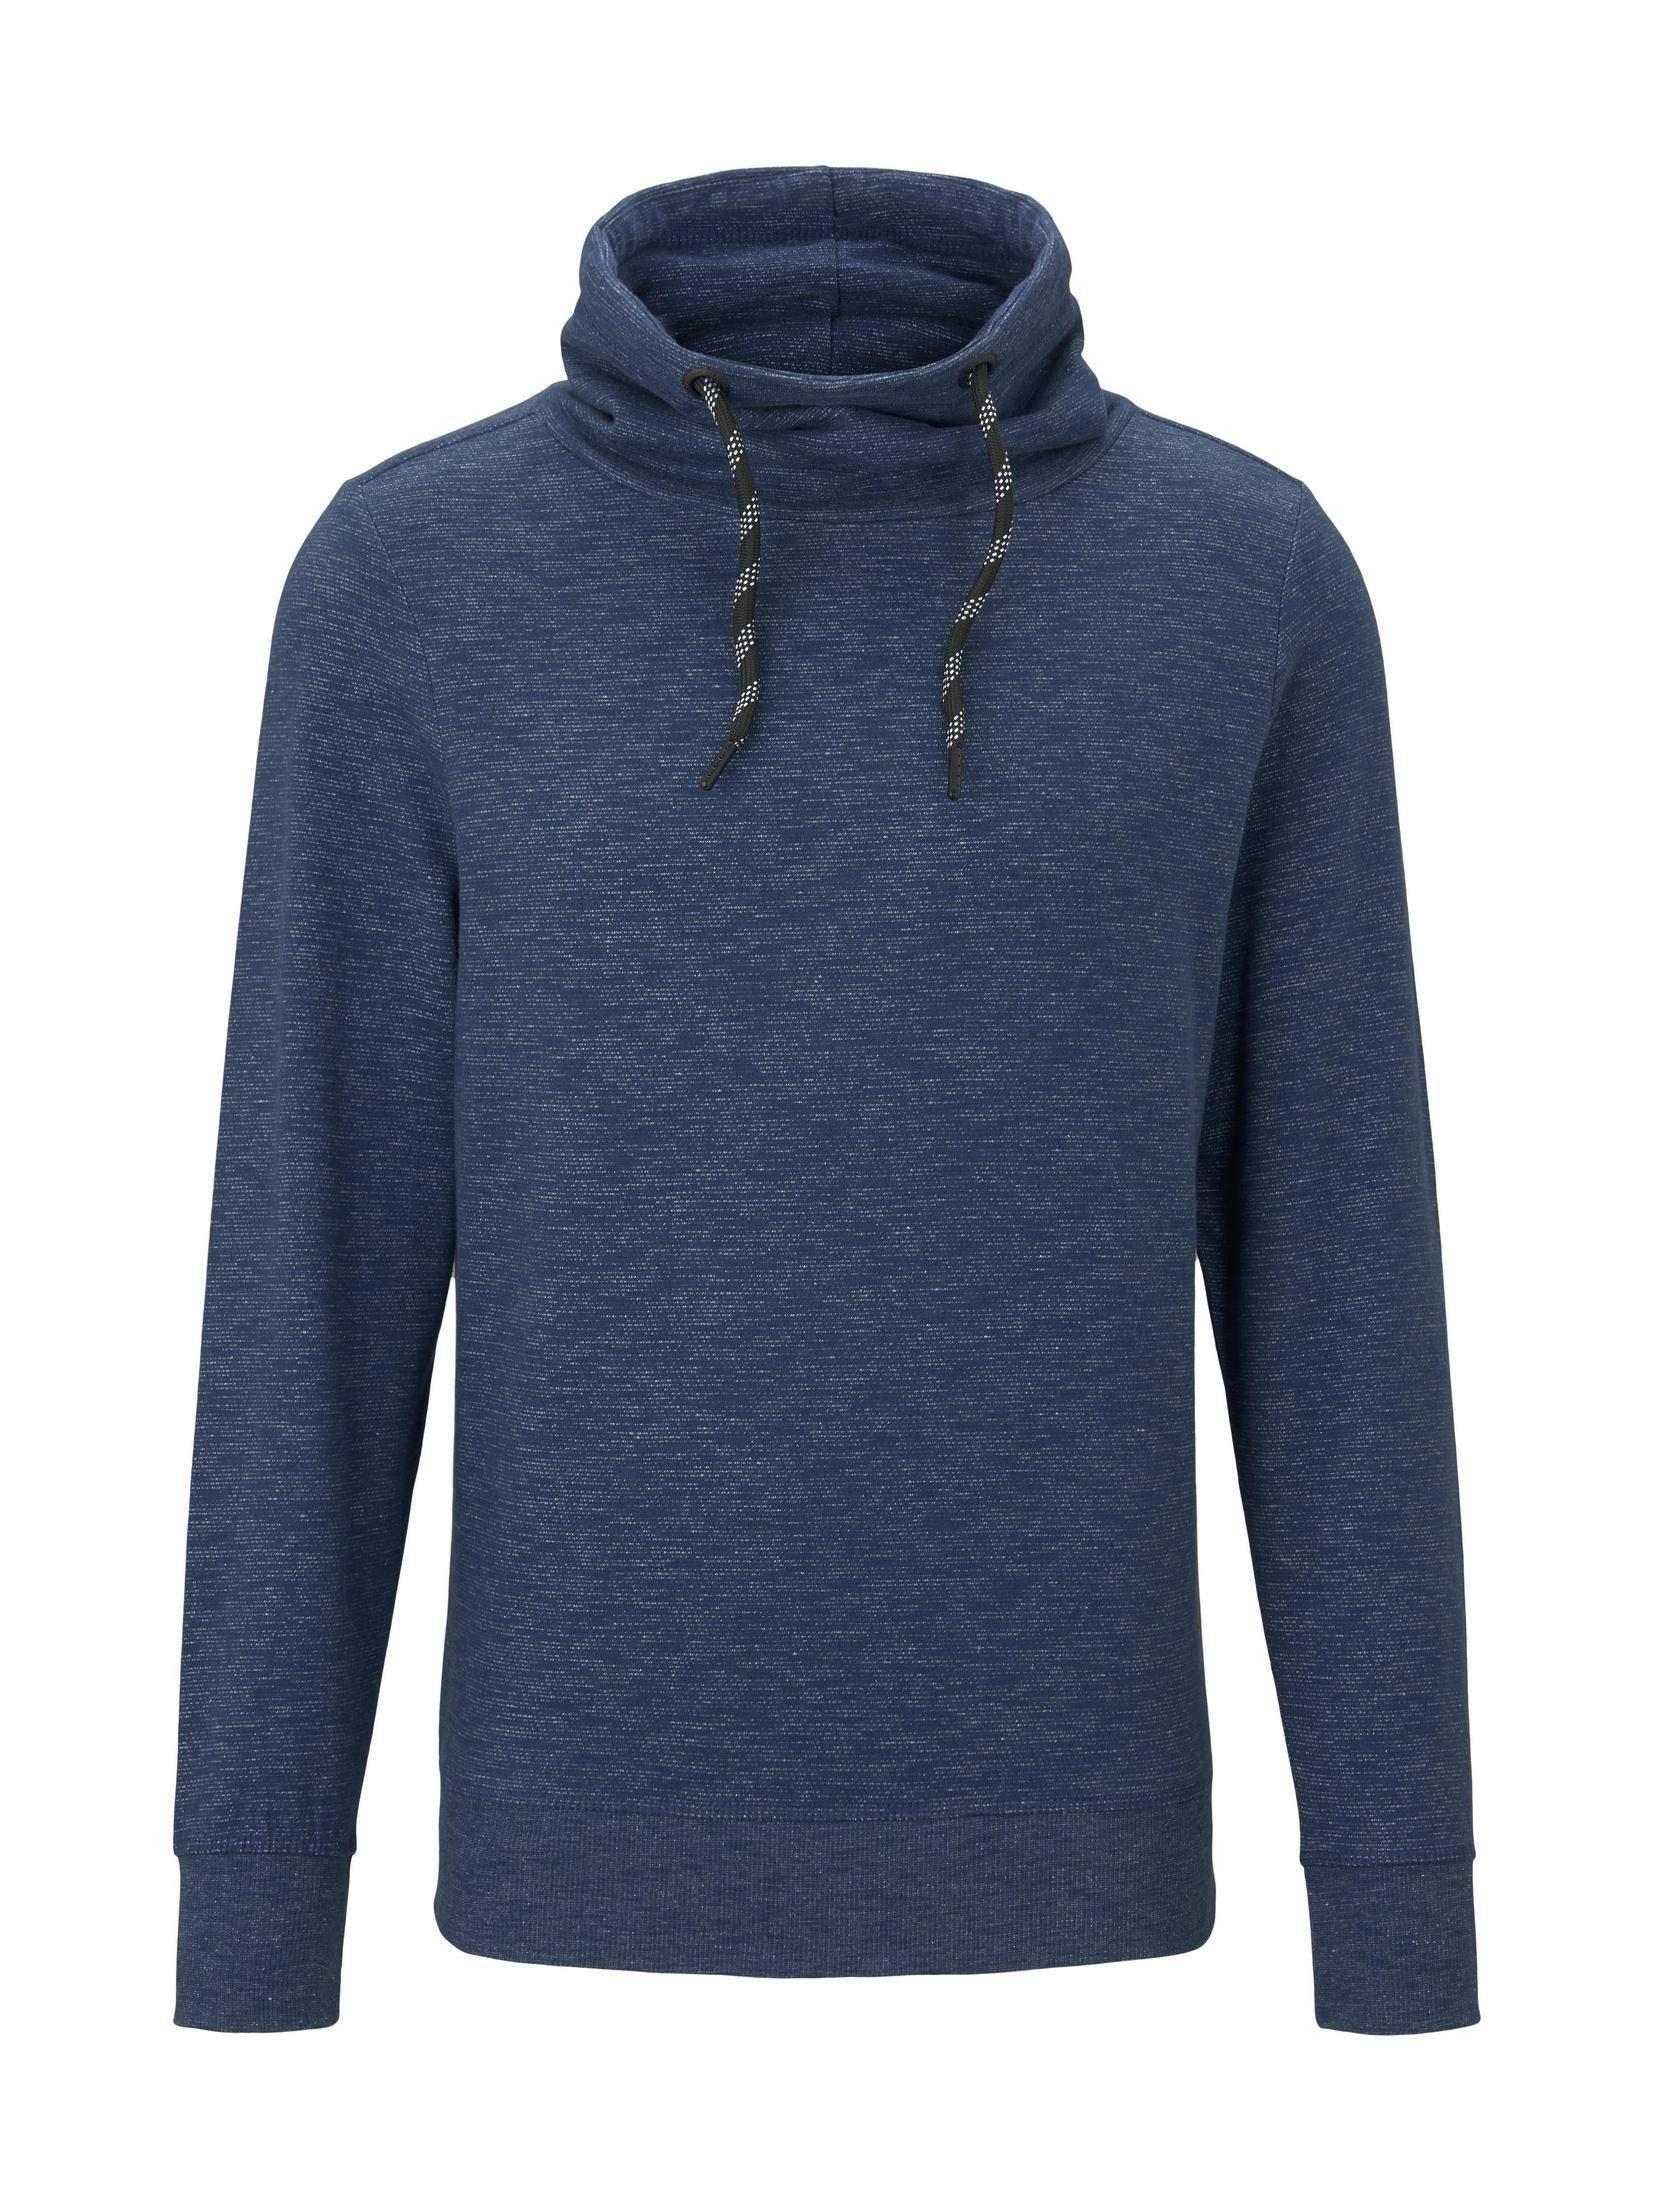 TOM TAILOR Sweatshirt »Sweater in Melange Optik« | OTTO